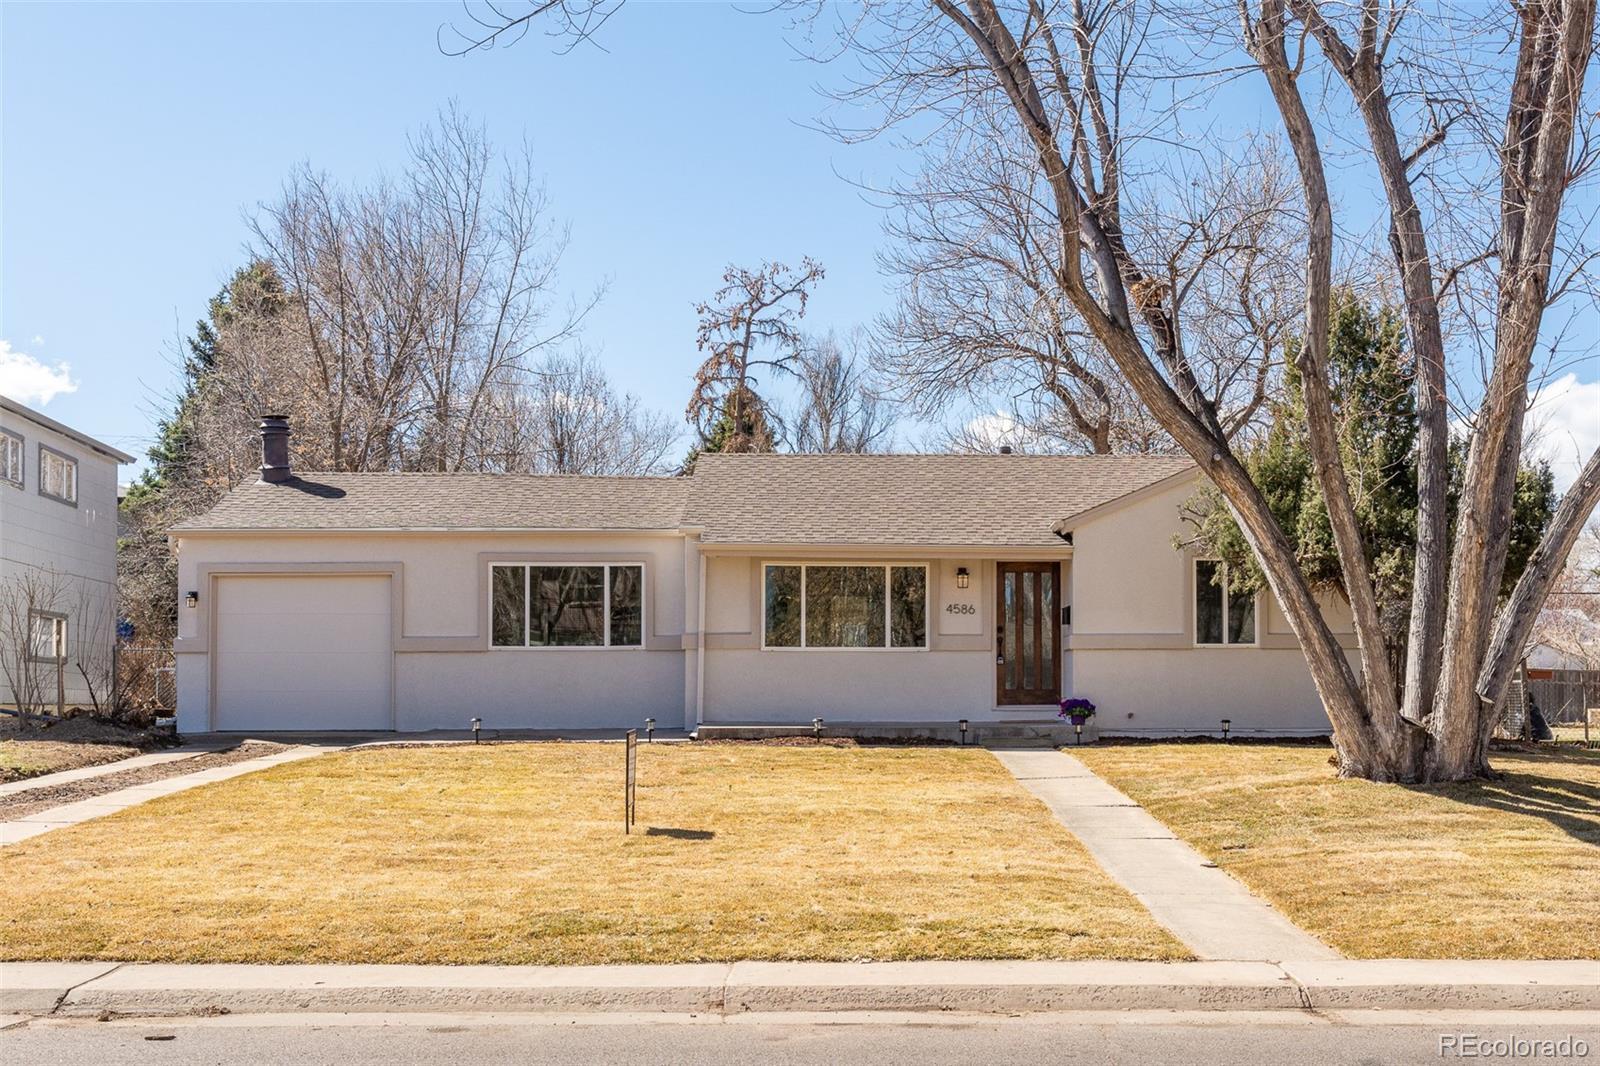 MLS# 2225282 - 1 - 4586 E Dartmouth Avenue, Denver, CO 80222